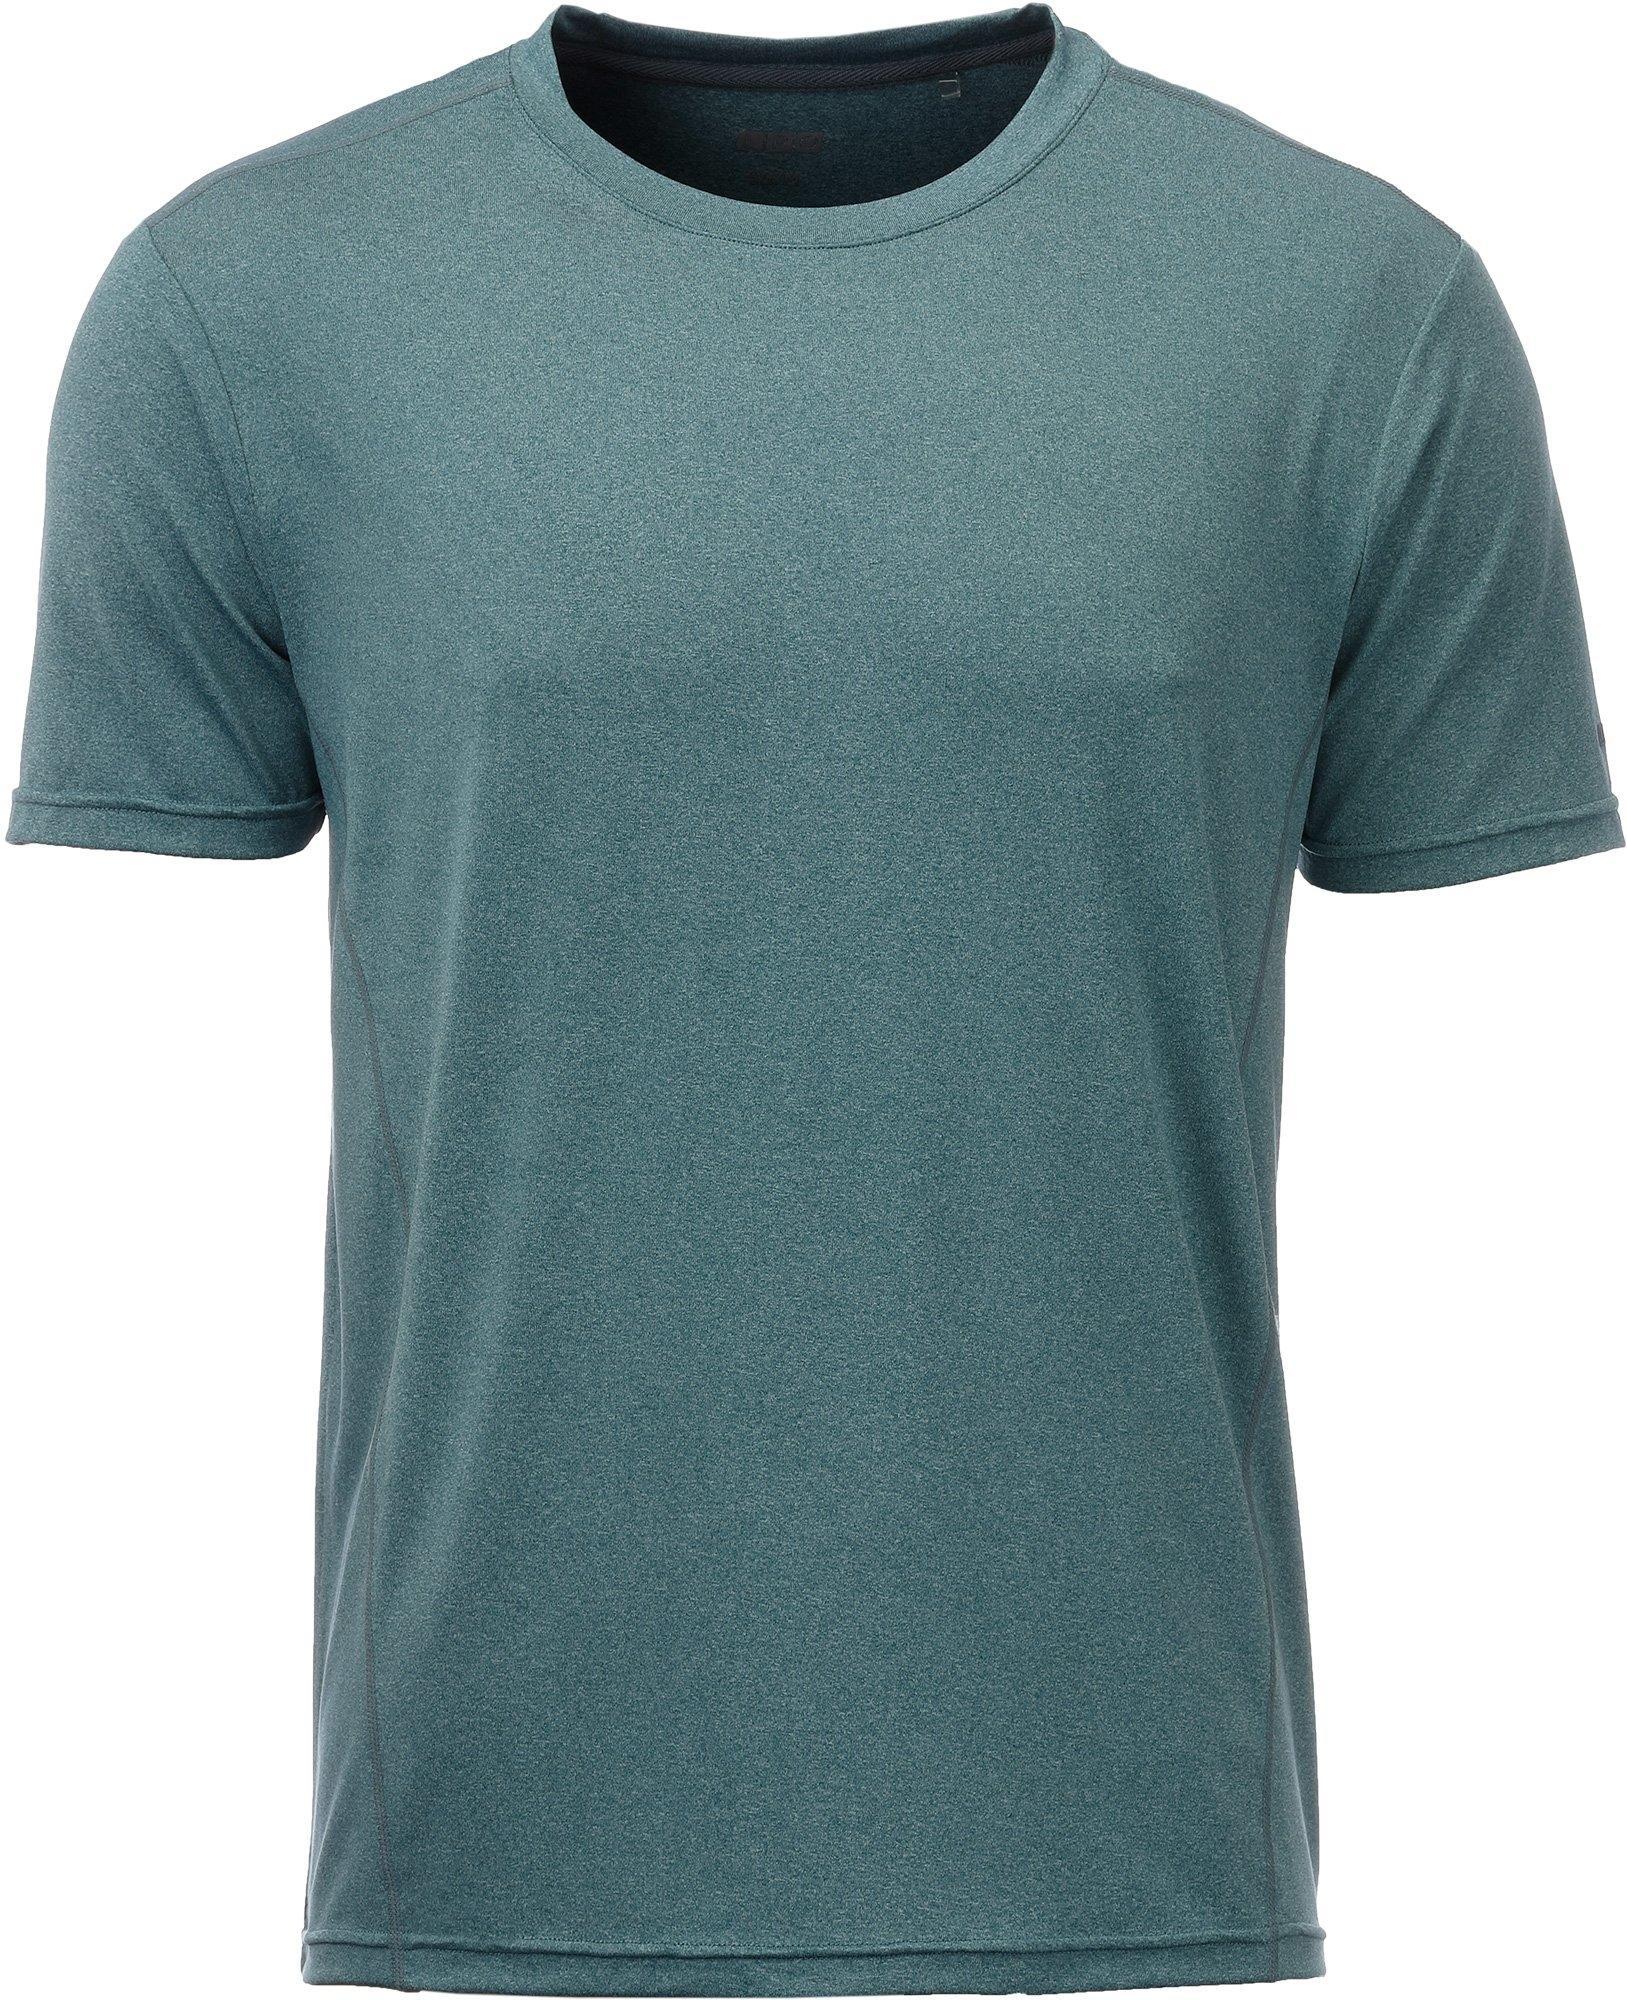 DEPROC Active functioneel shirt Functioneel shirt met V-hals veilig op otto.nl kopen